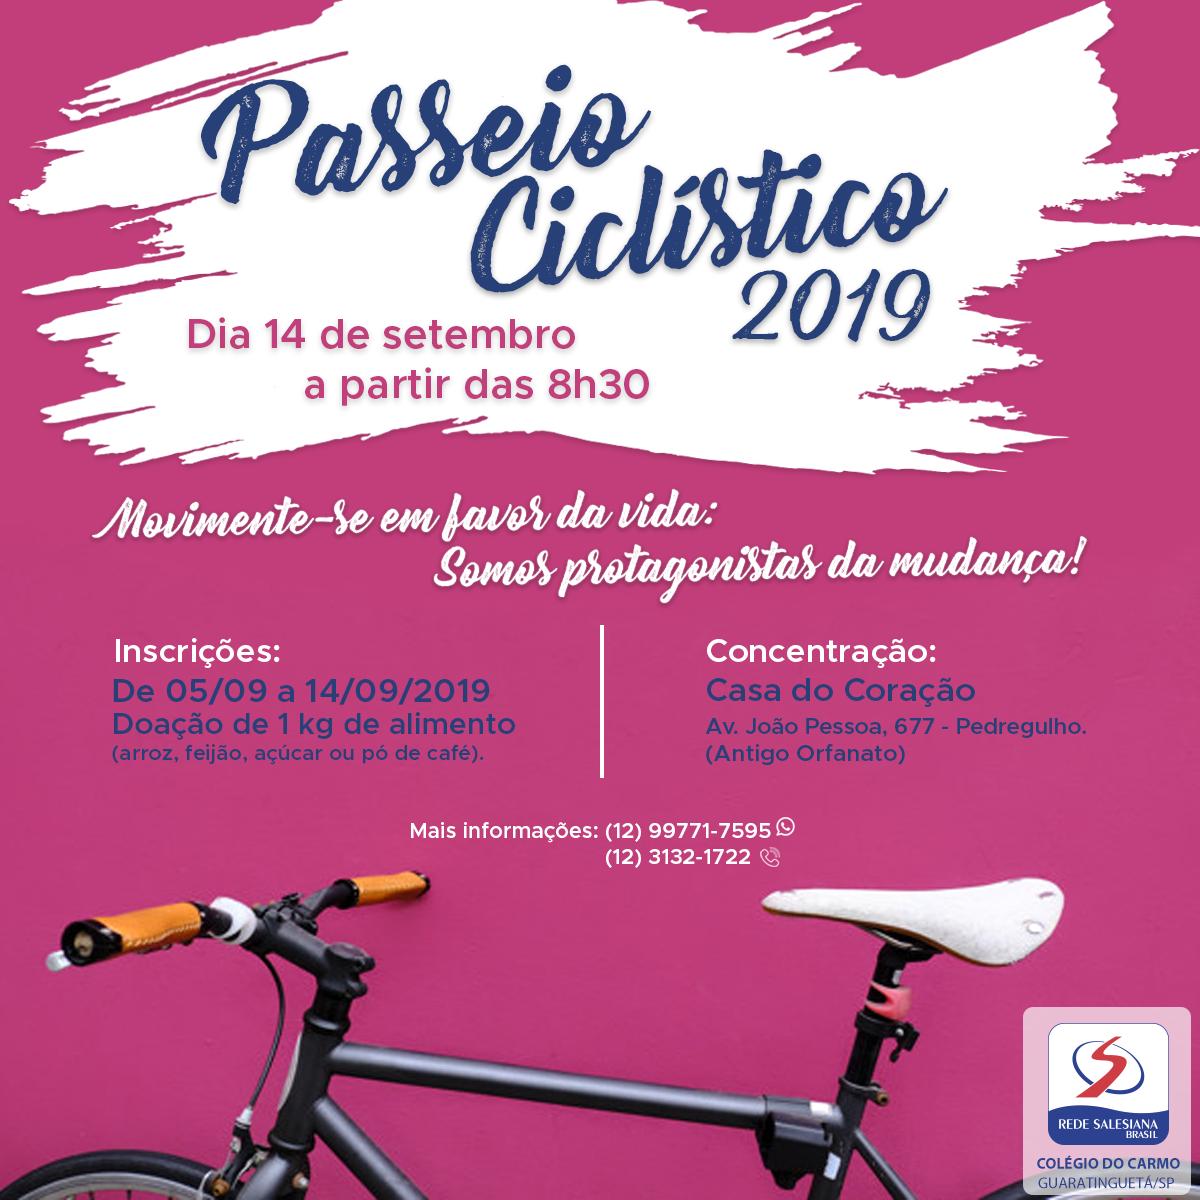 Passeio Ciclístico 2019